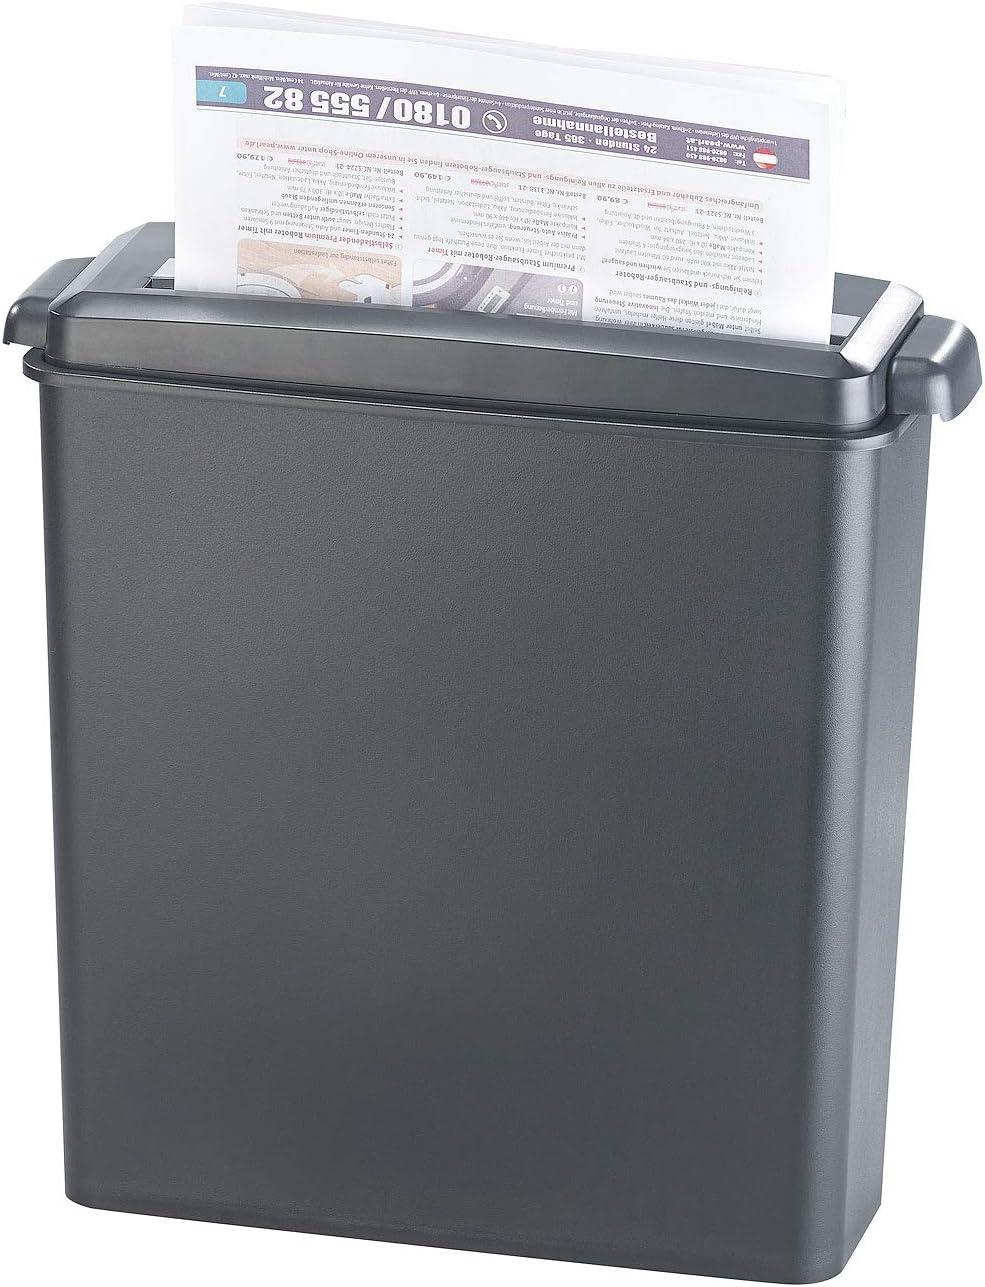 schredder fuer papier Kreuzschnitt Schredder Hochleistungs-Aktenvernichter Querschnittpapier und Kreditkarten-Home-Office-Aktenvernichter 220V EU-Stecker 6-Blatt-Aktenvernichter Aktenvernichter